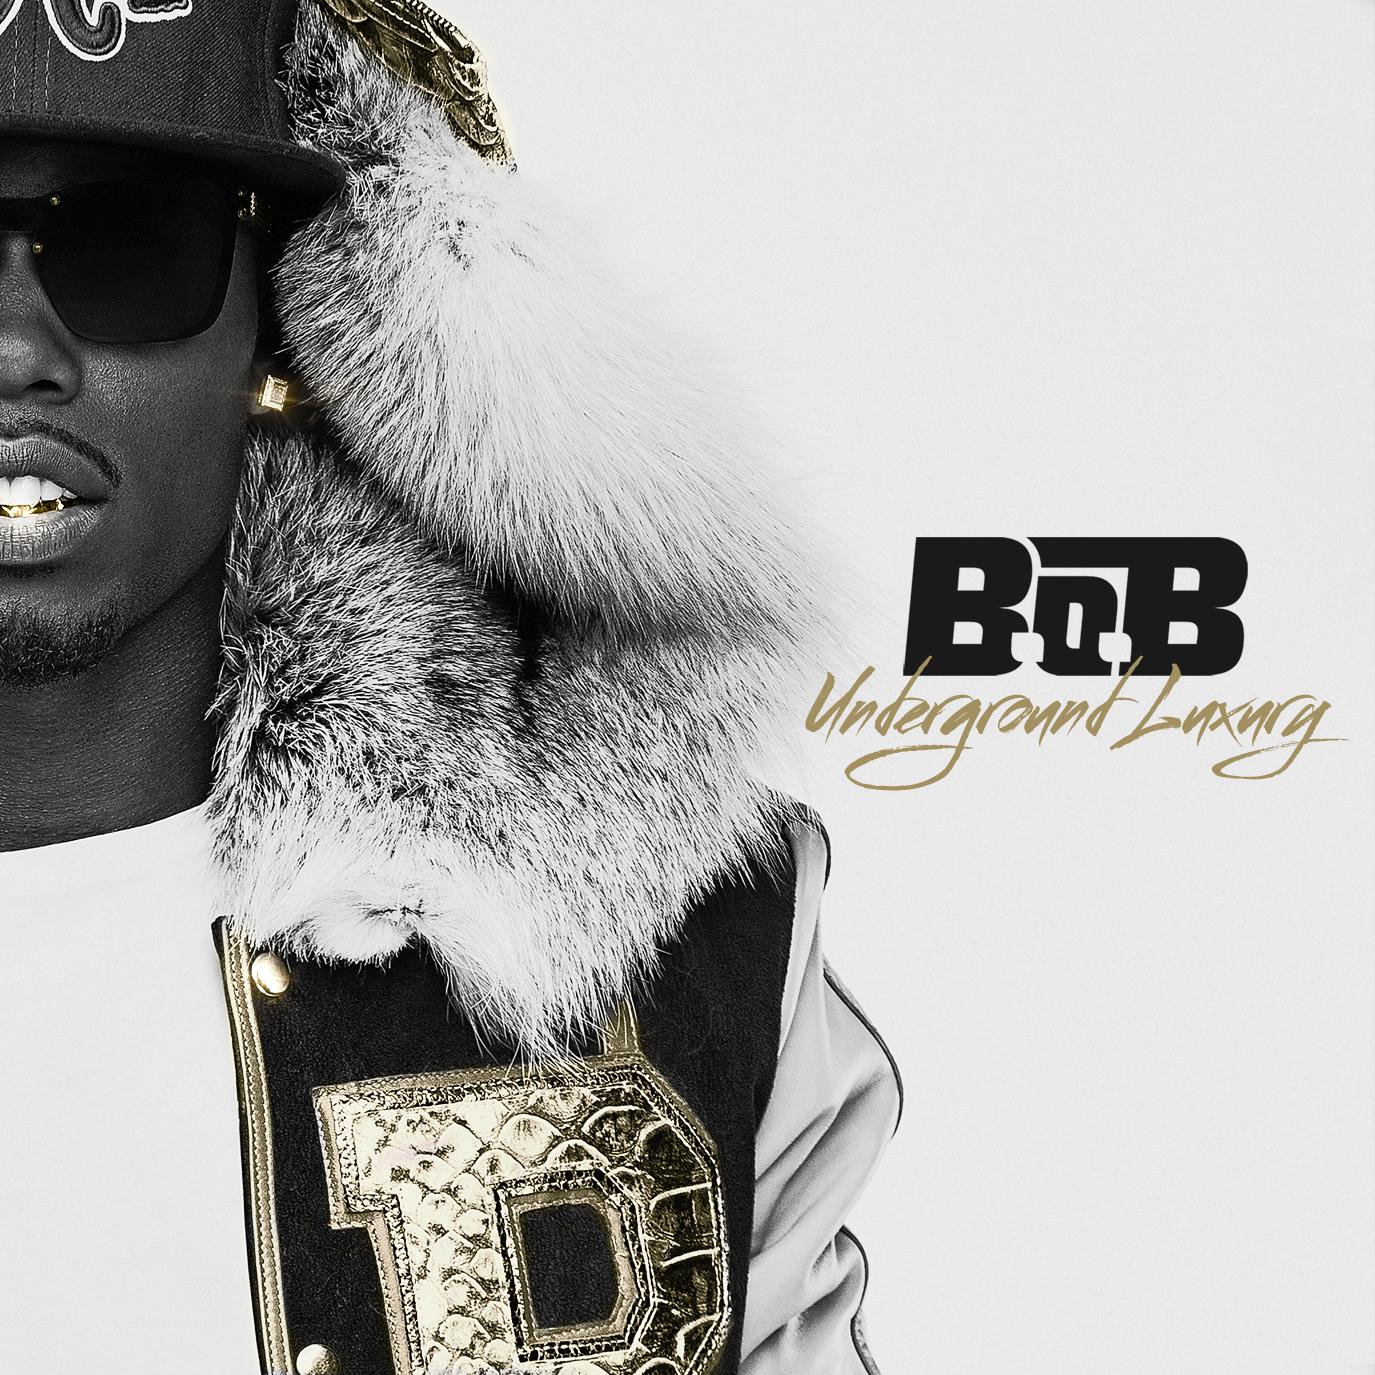 B.O.B - Underground Luxury clean